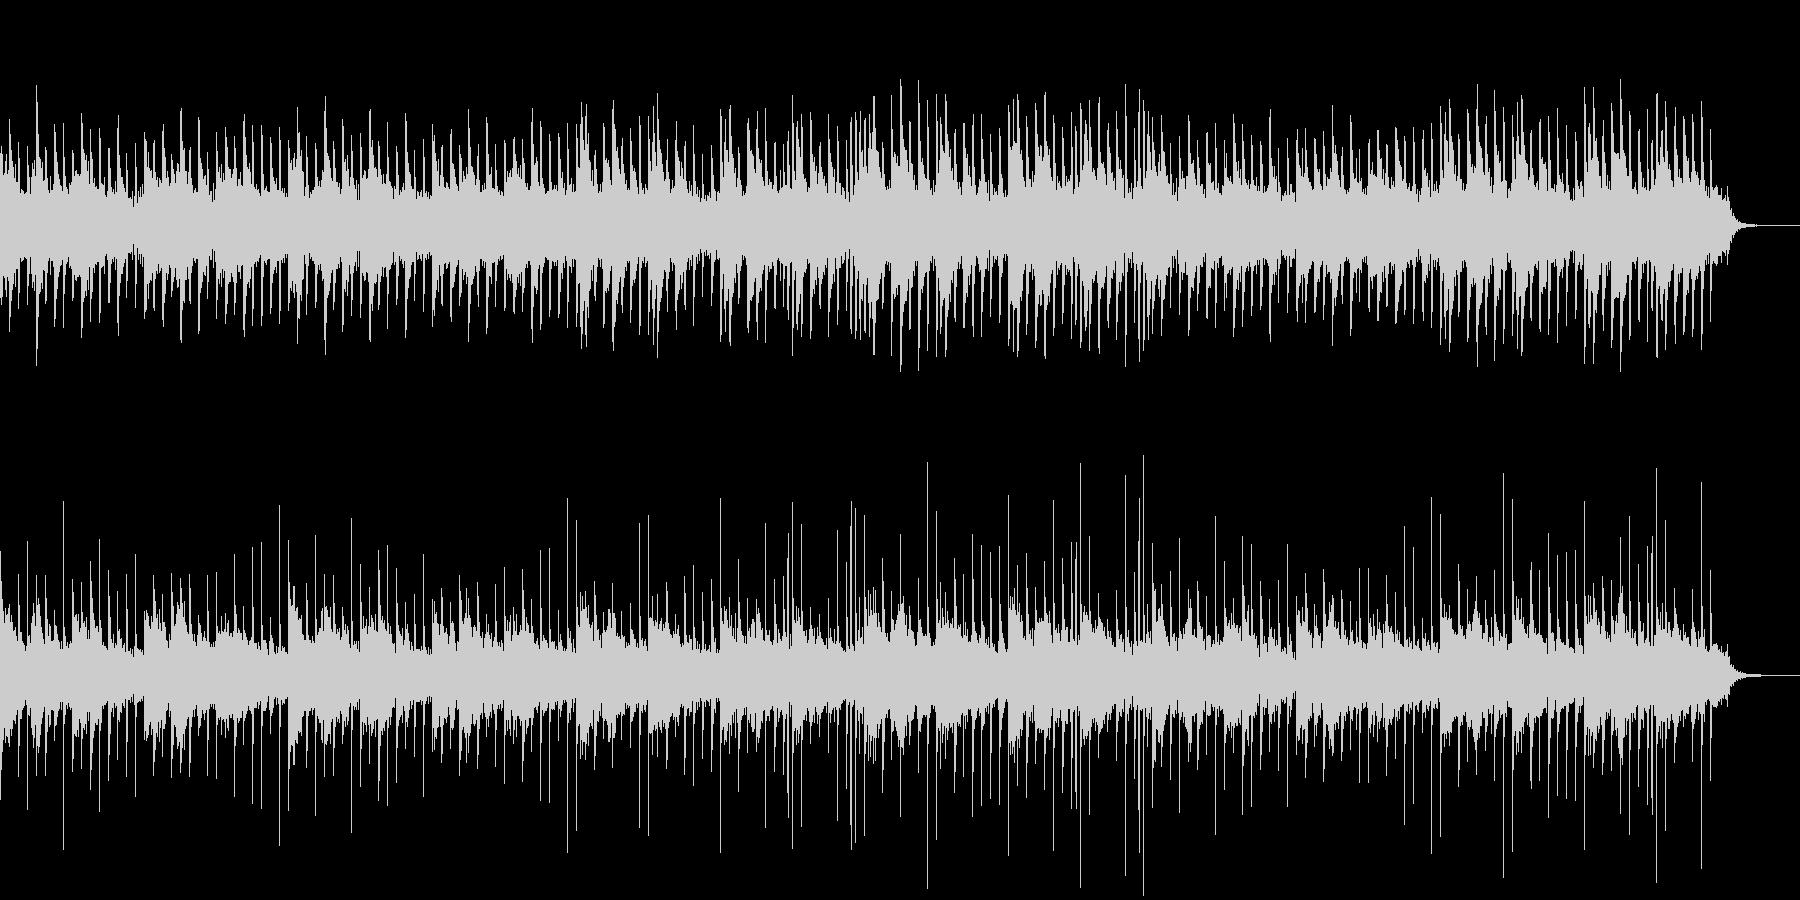 ホラーなピアノBGM01の未再生の波形